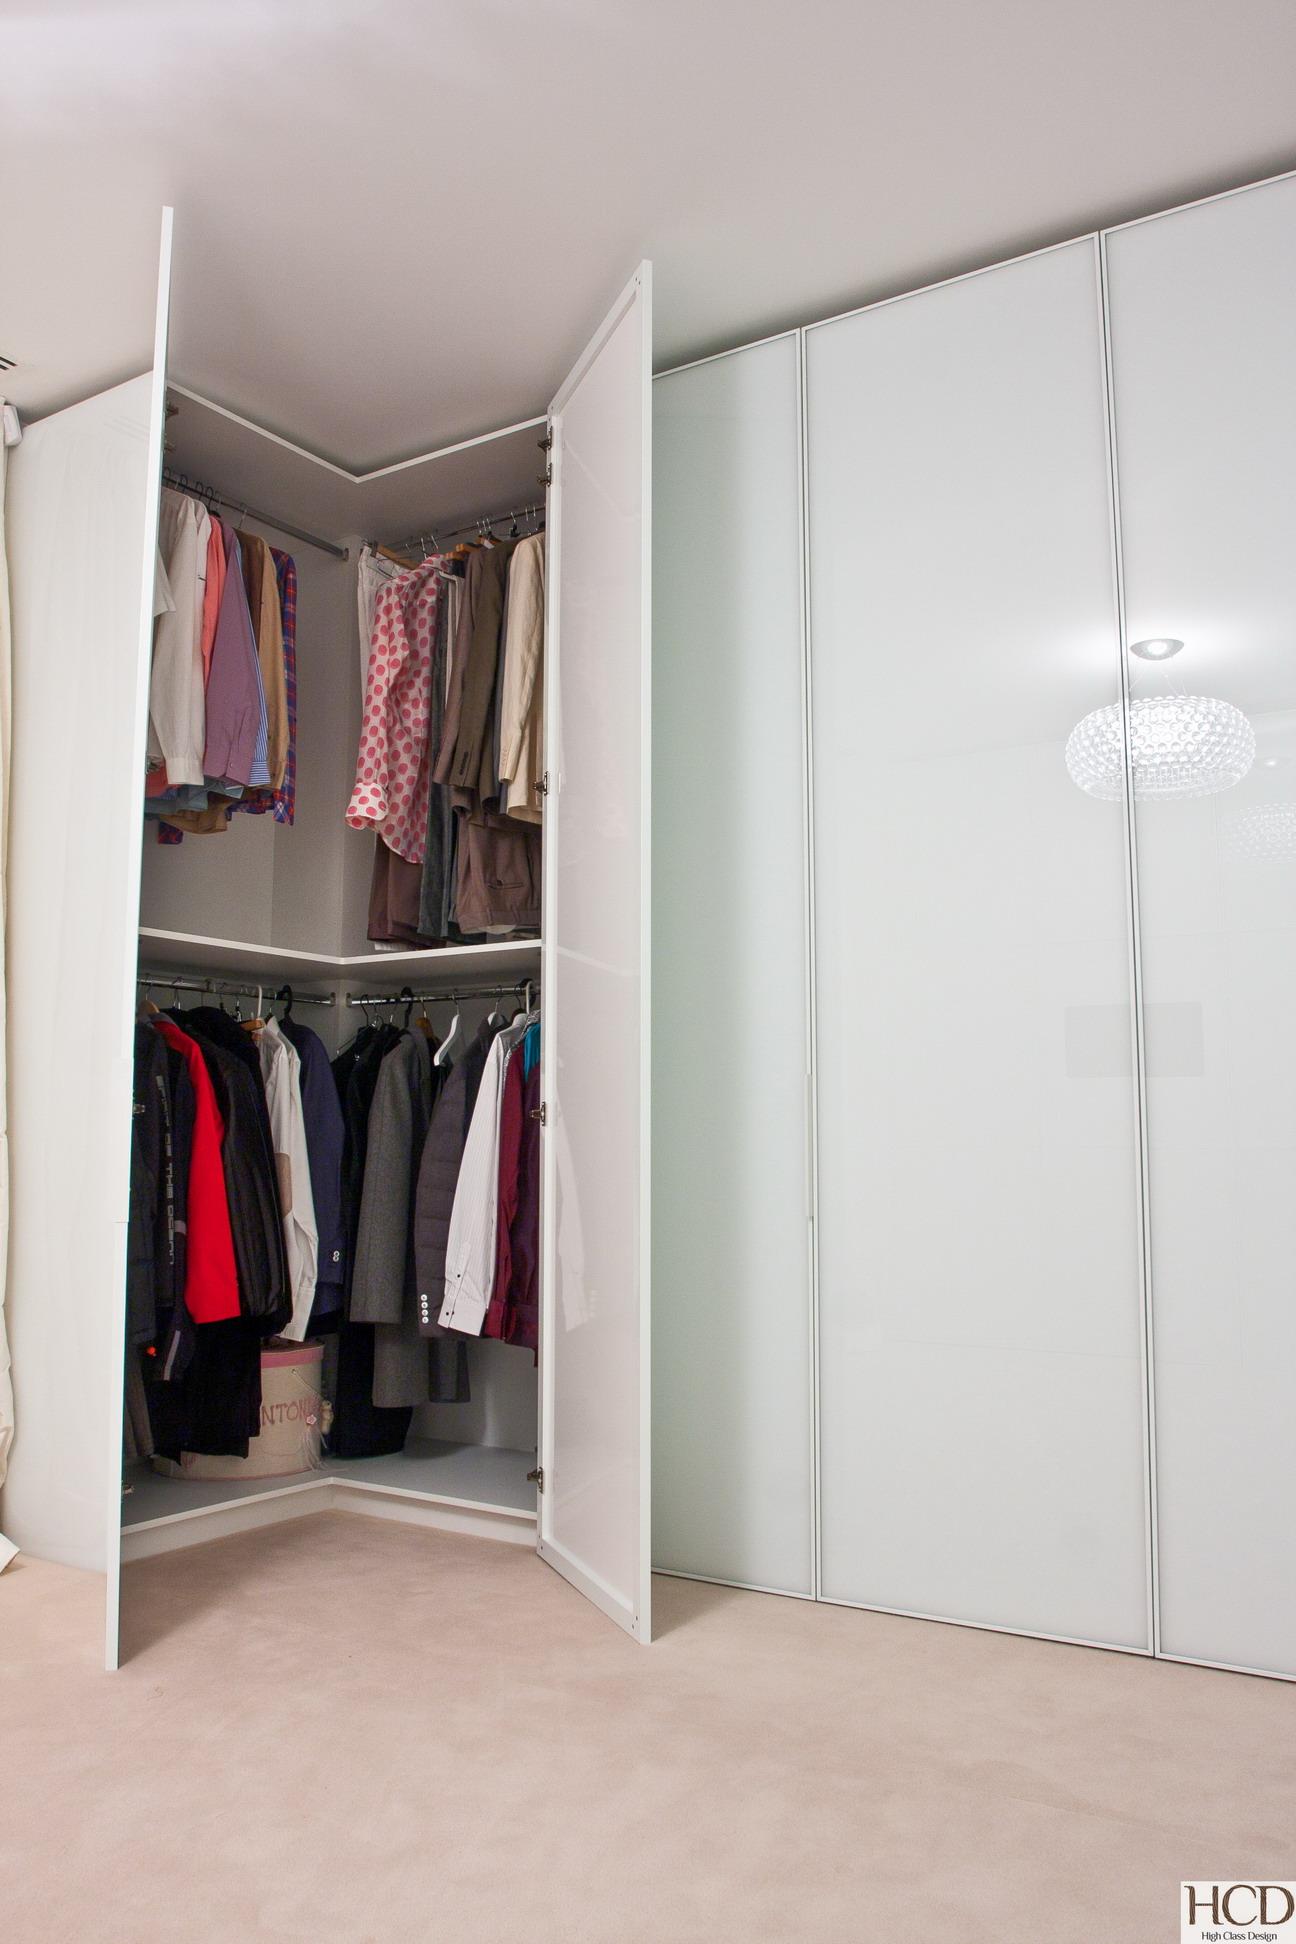 mobila-casa-vila-bufta-mobilier-comanda-hcd-trivenus-18_resize